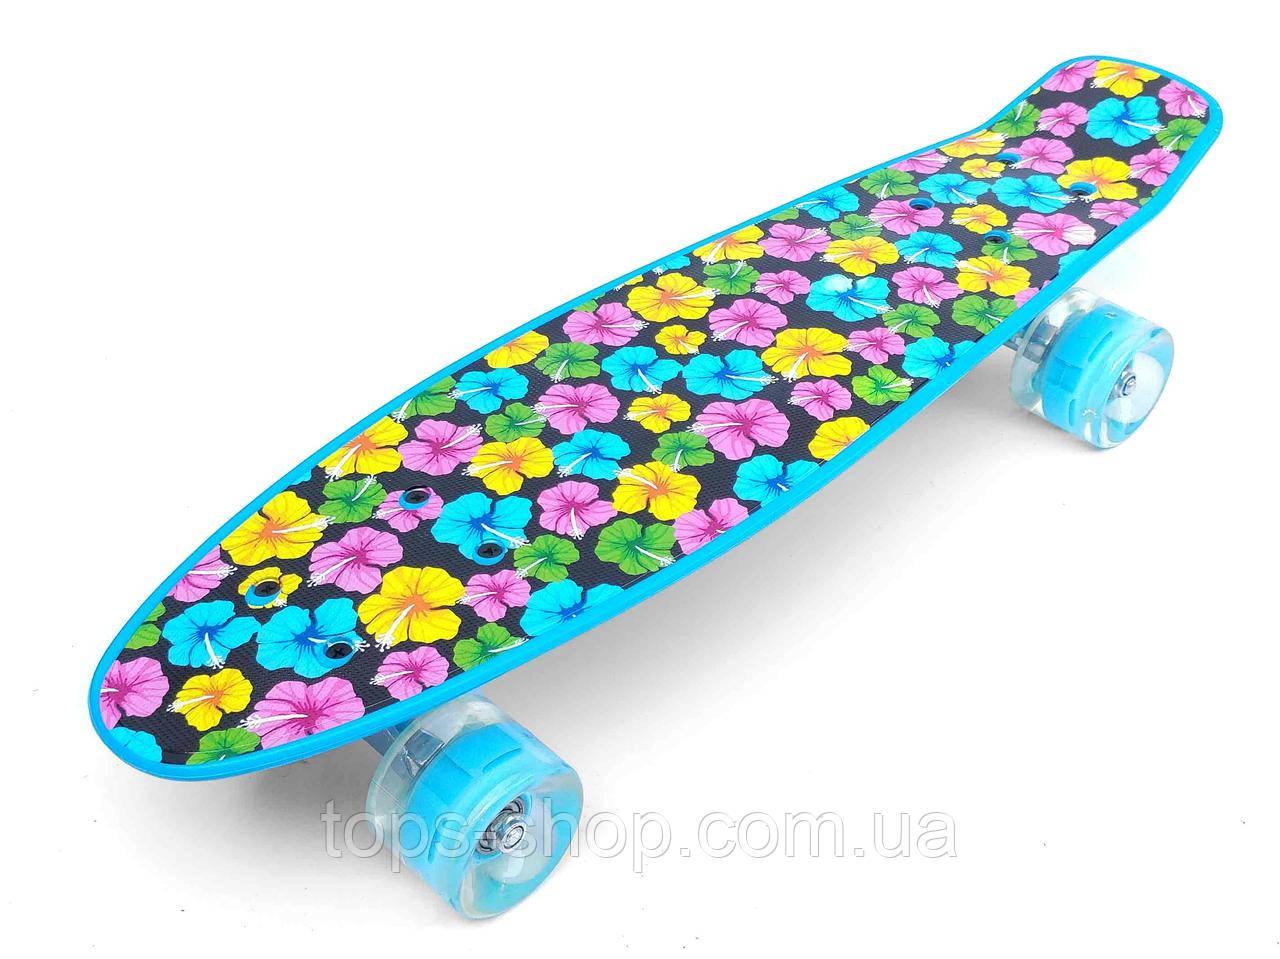 Скейт Penny Board, с широкими светящимися колесами Пенни борд, детский , от 5 лет, расцветка Цветки